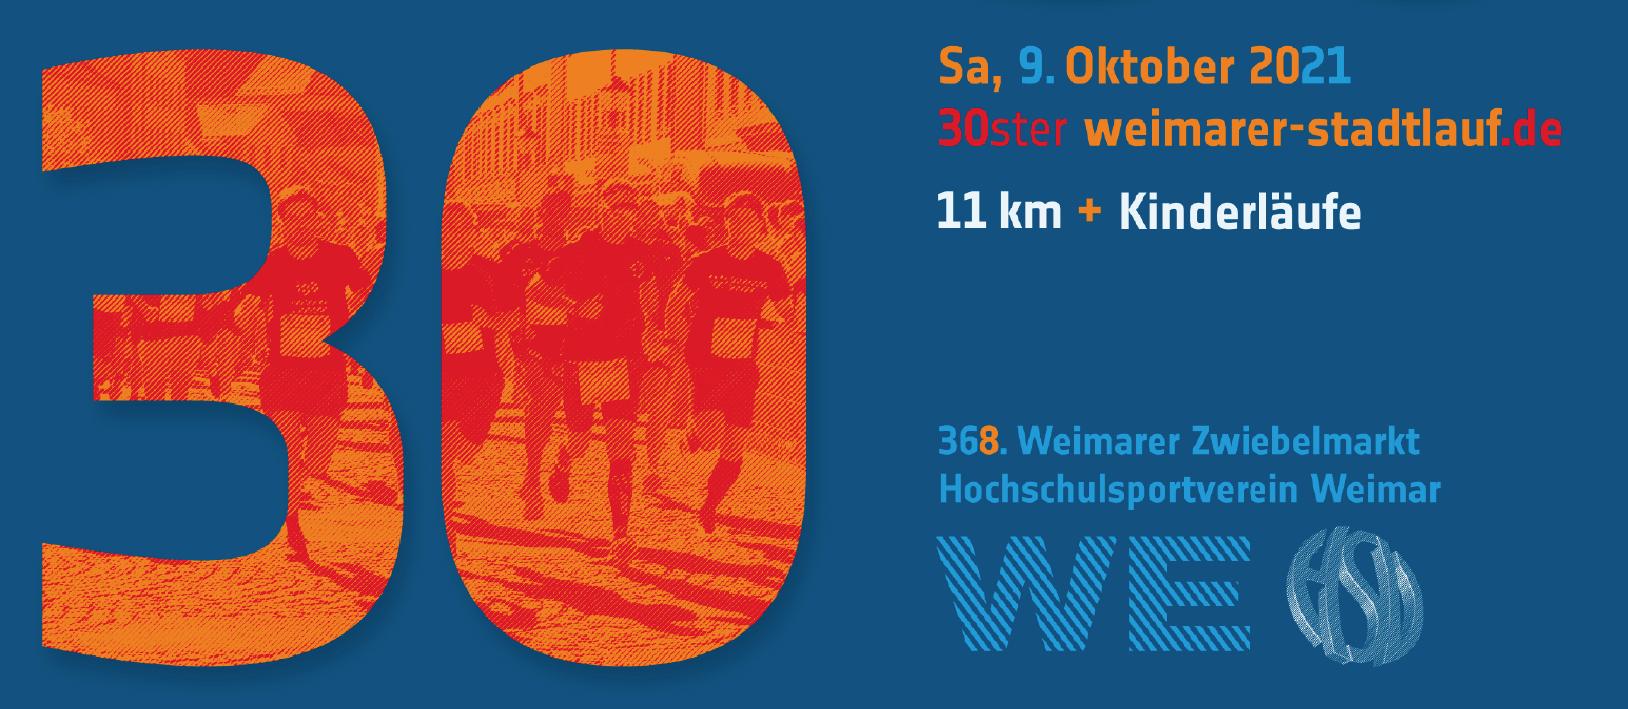 Weimarer Stadtlauf